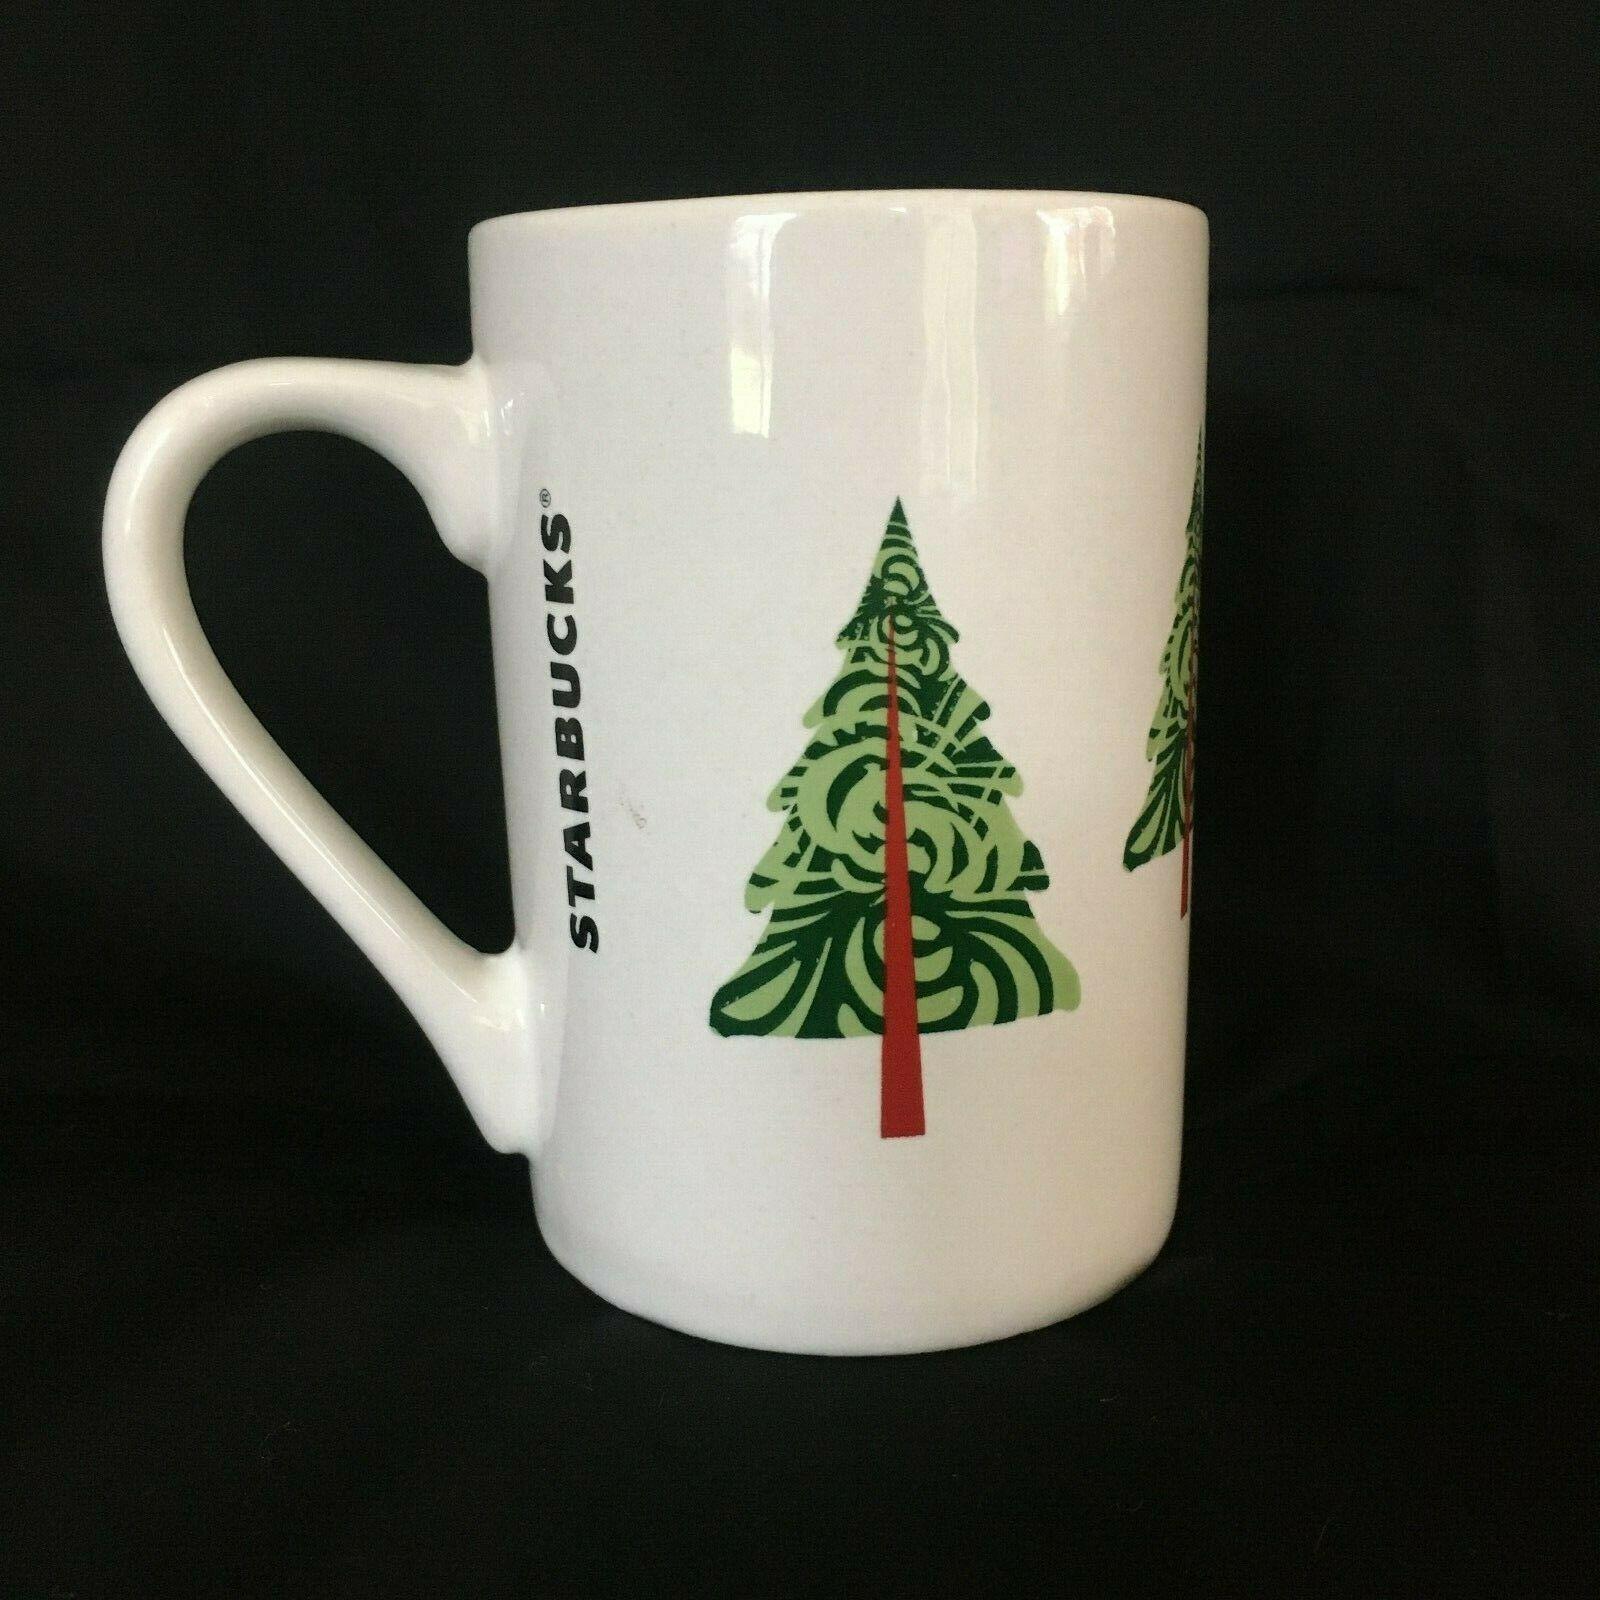 Starbucks 2011 Coffee Cup Mug Holiday Christmas Tree 10 oz